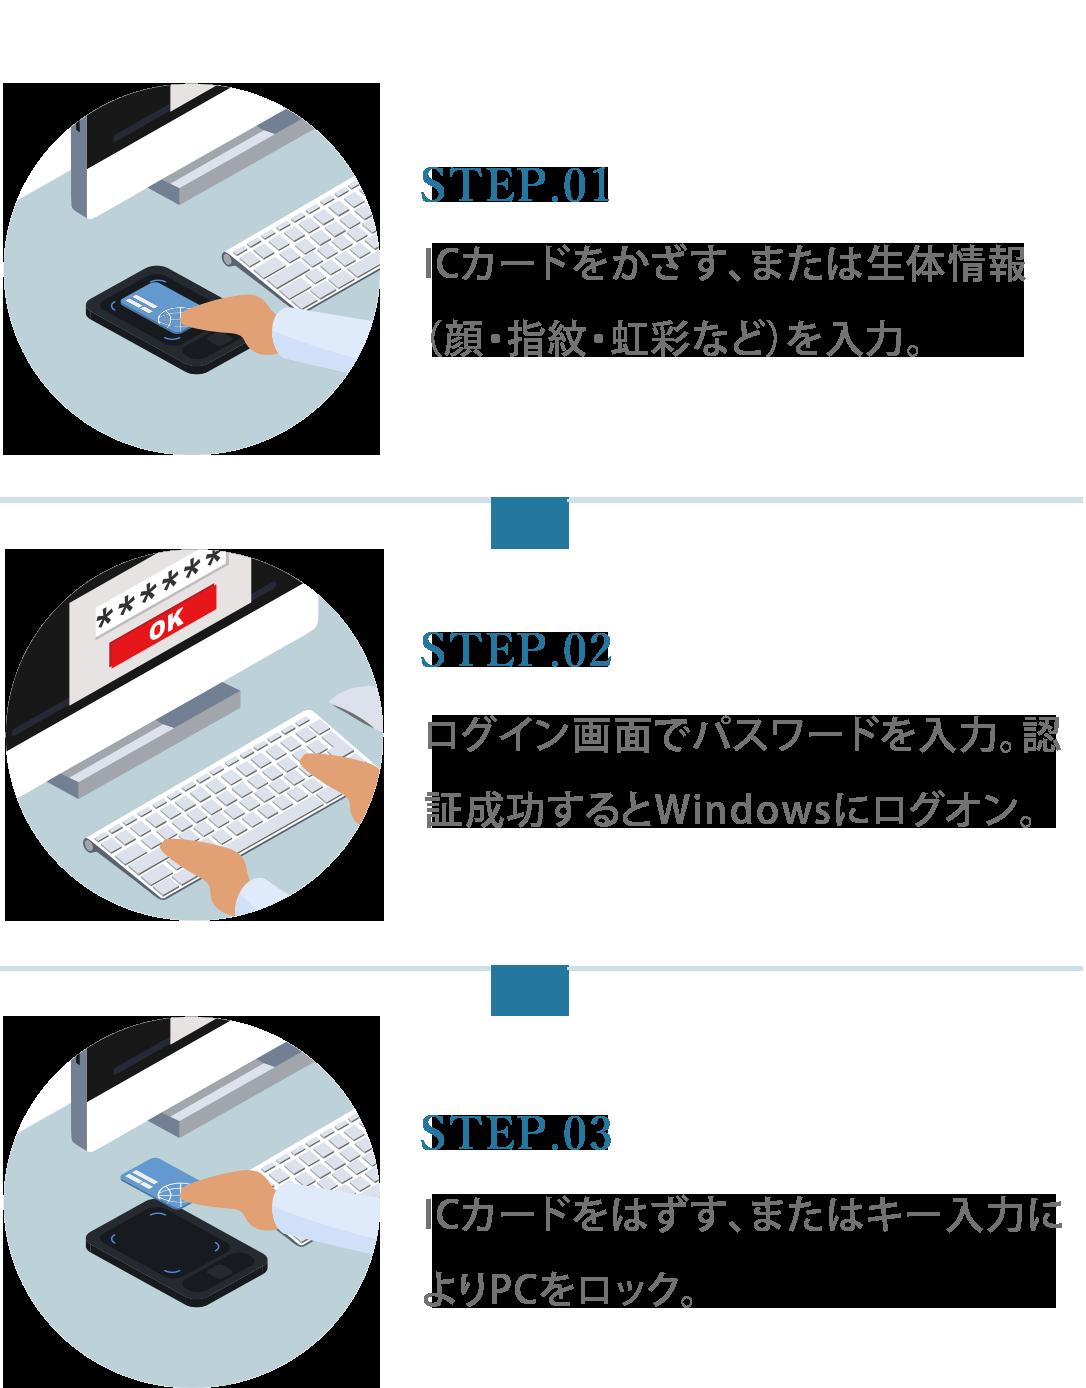 Taikobanによる一般的な認証フロー